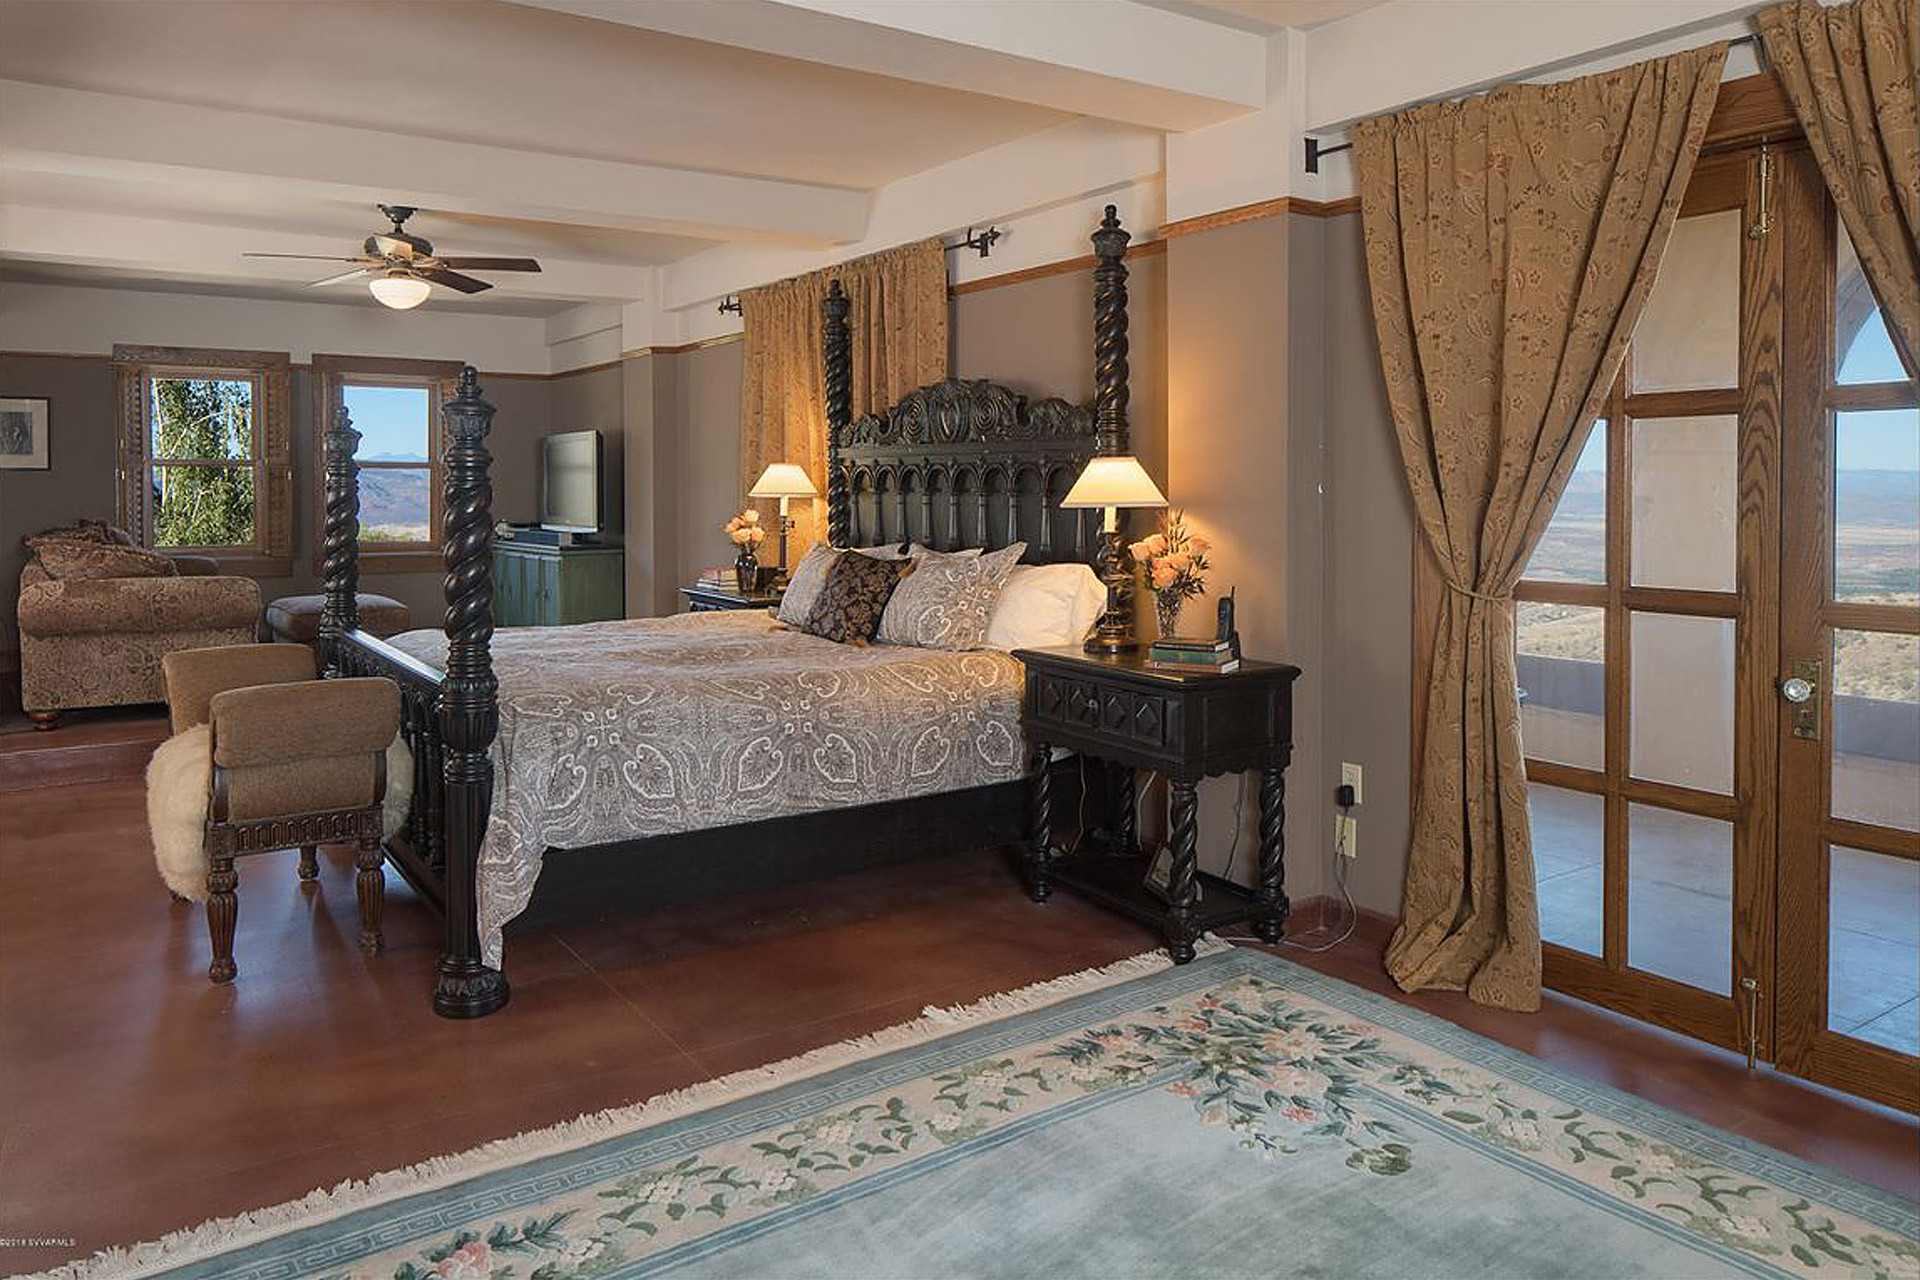 Little Daisy Mansion è una versione reale del Grand Budapest Hotel   Collater.al 8